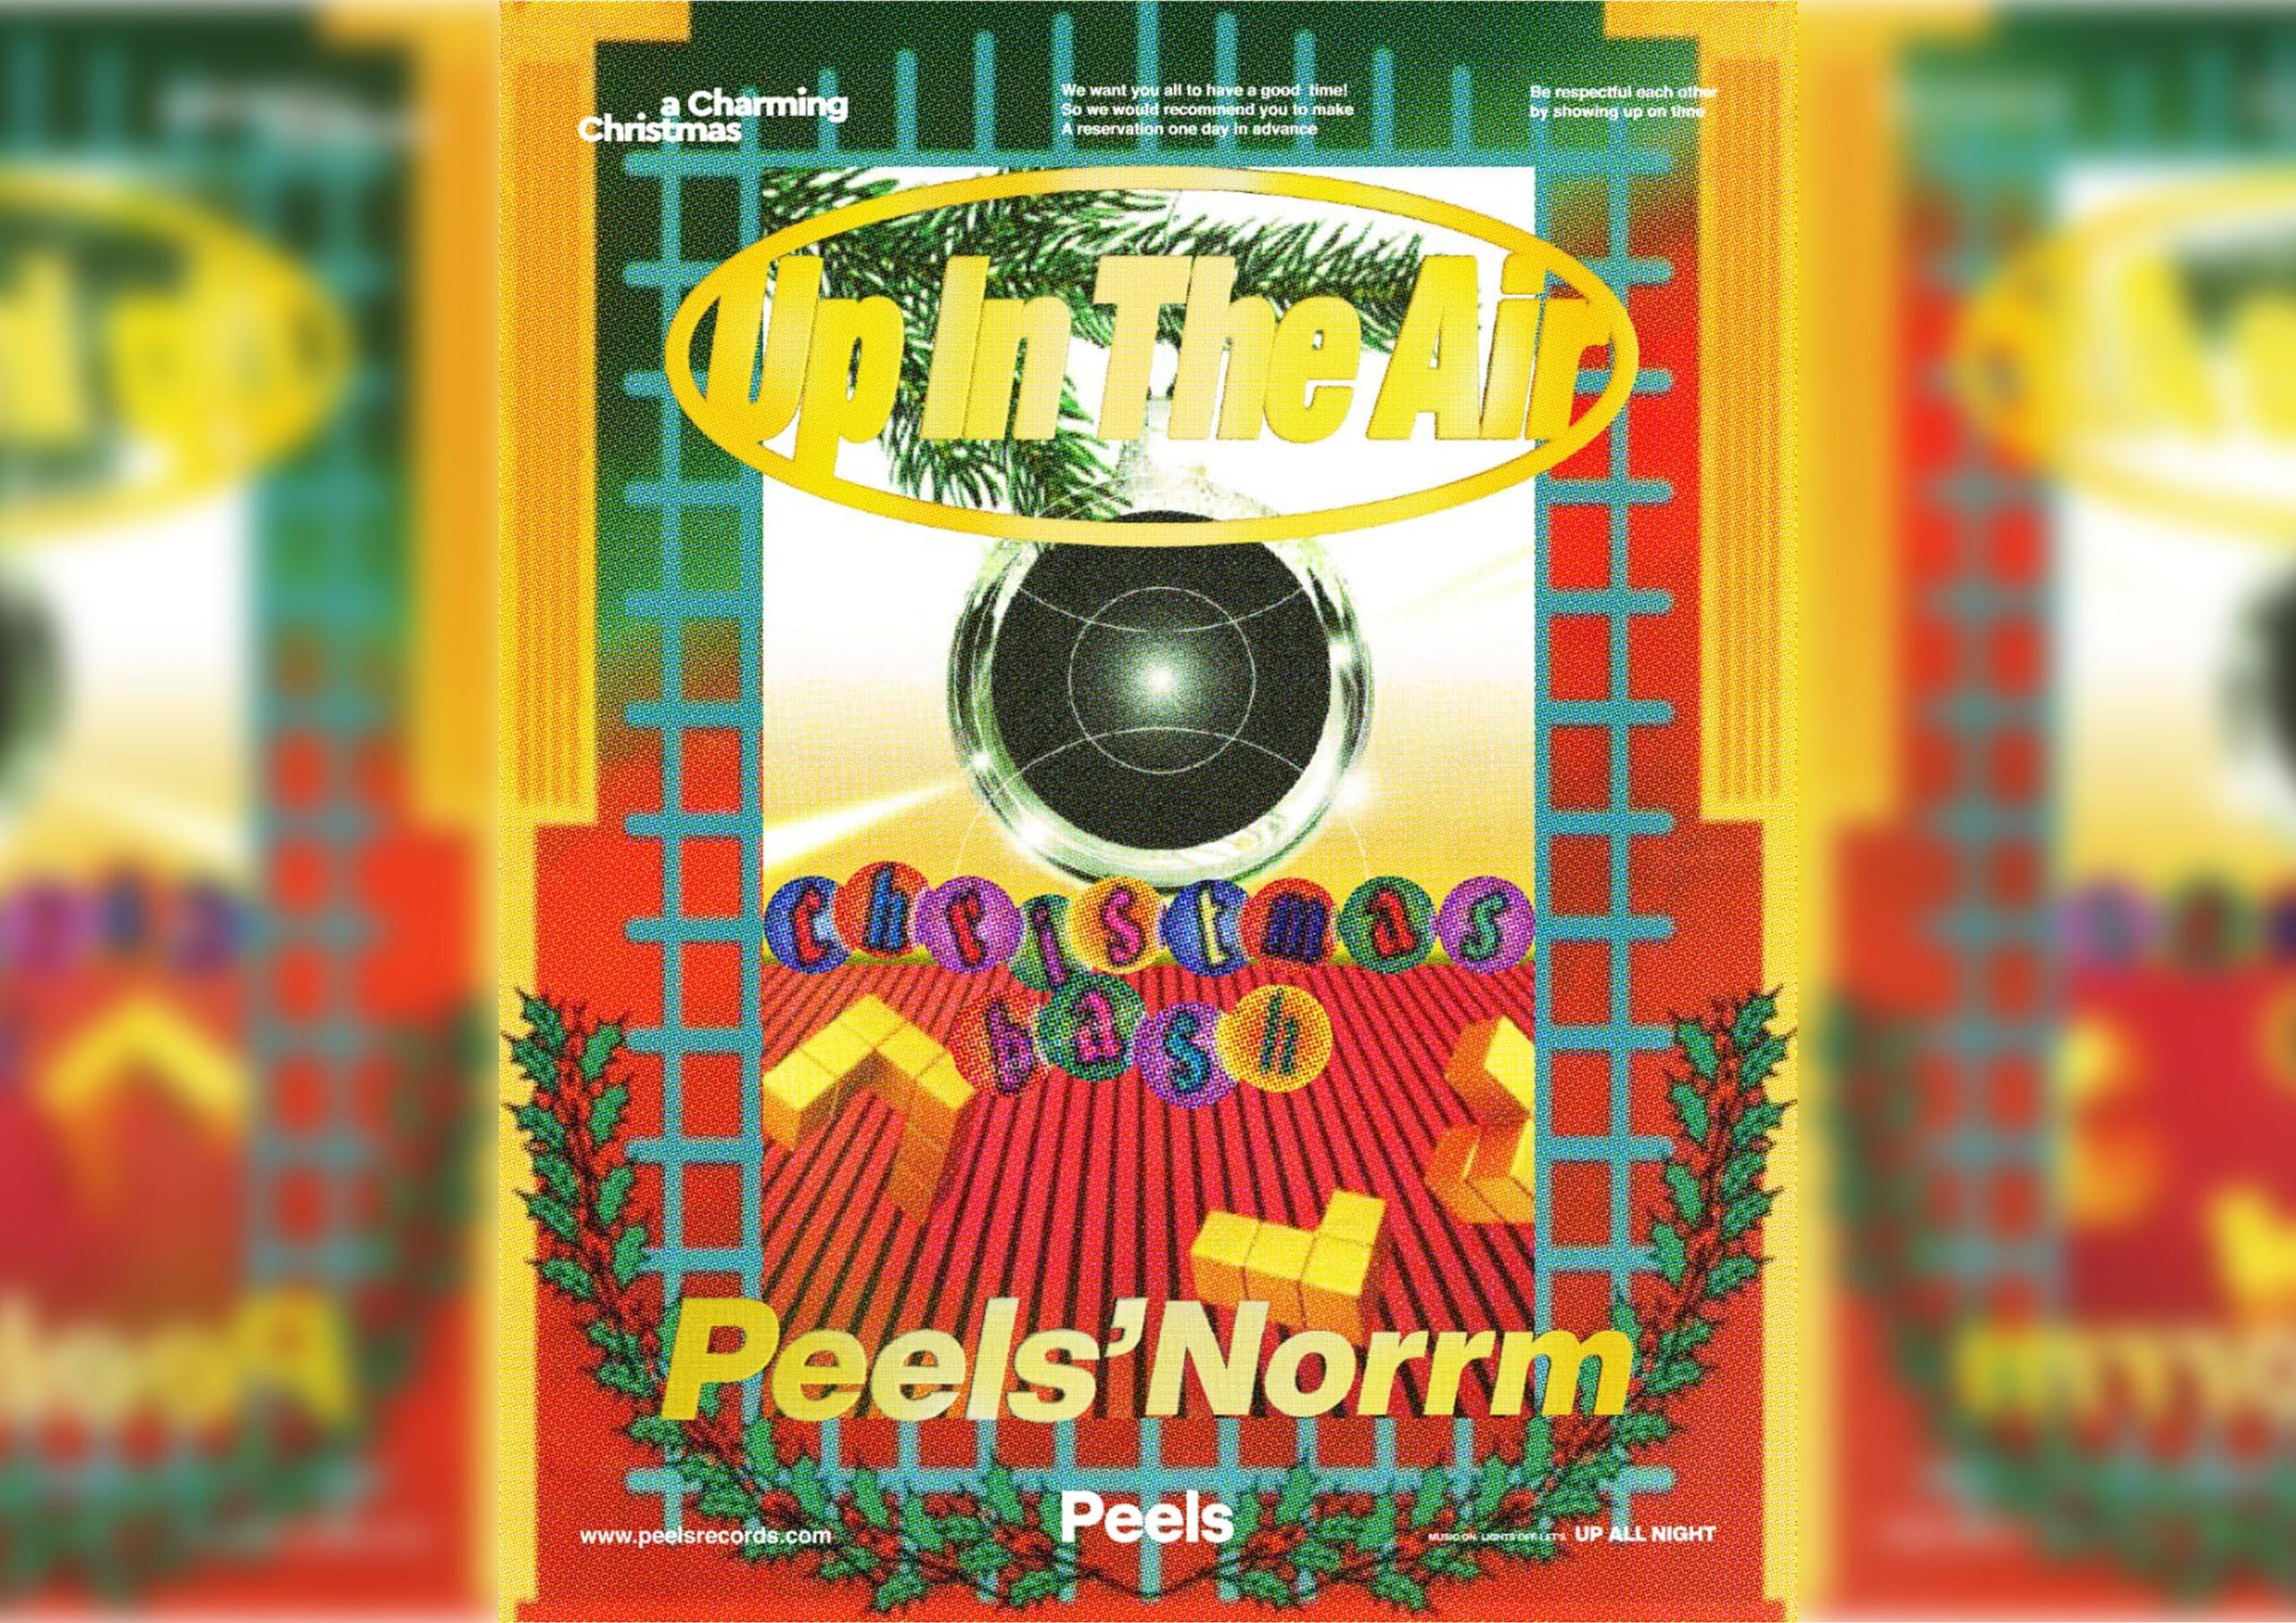 Merayakan Natal dengan Siaran Radio Spesial dari Peels Records & Norrm Radio